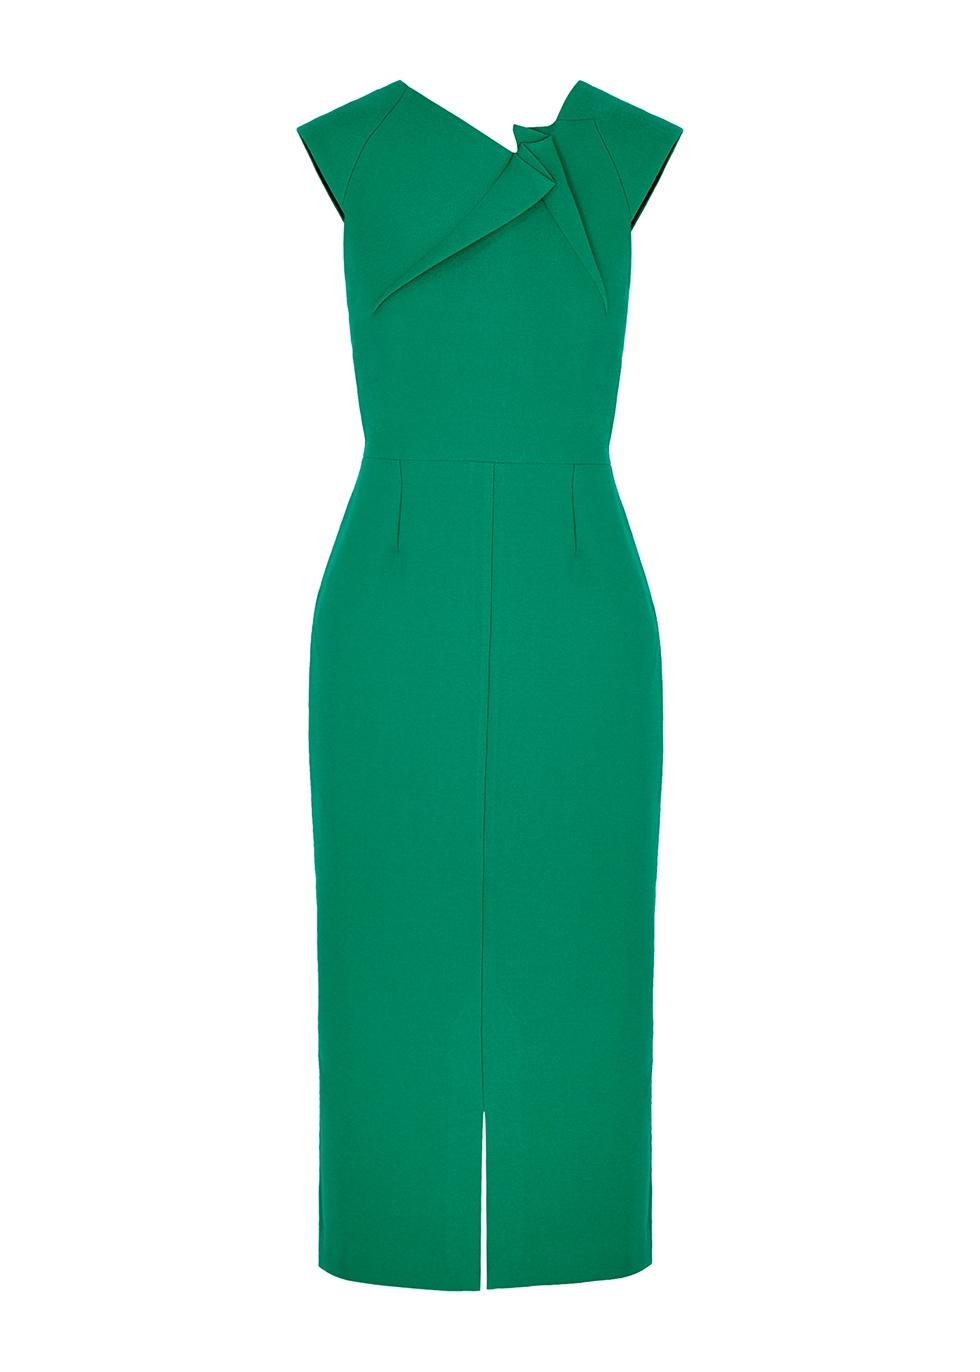 Tikal green midi dress